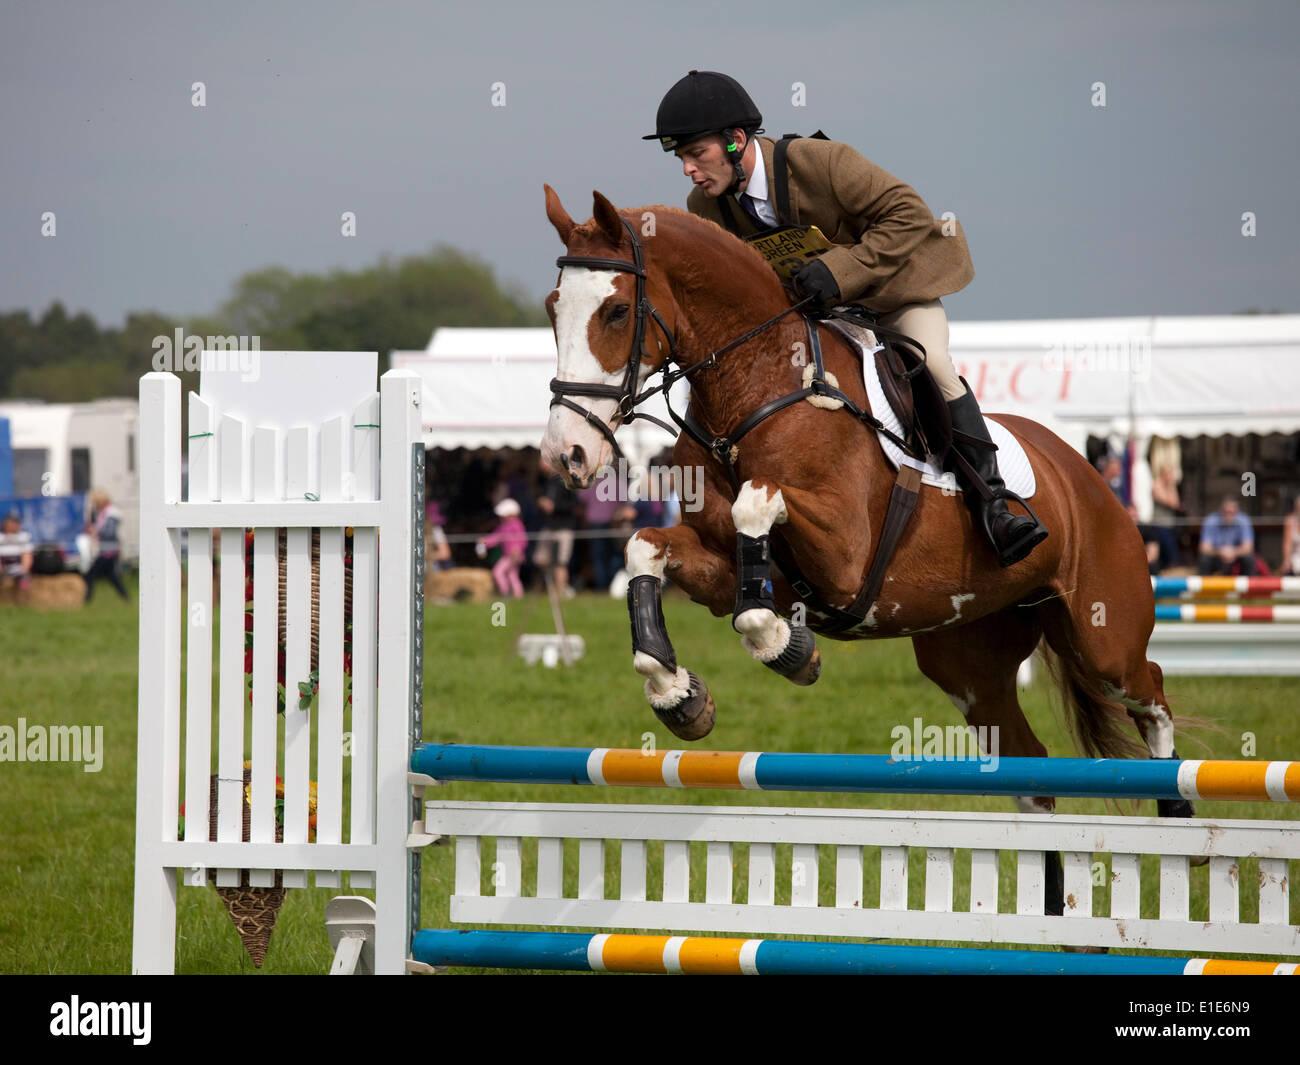 Belsay, UK. 01 Juin, 2014. Un concurrent dans la section saut d'efface un saut lors de la deuxième journée Photo Stock